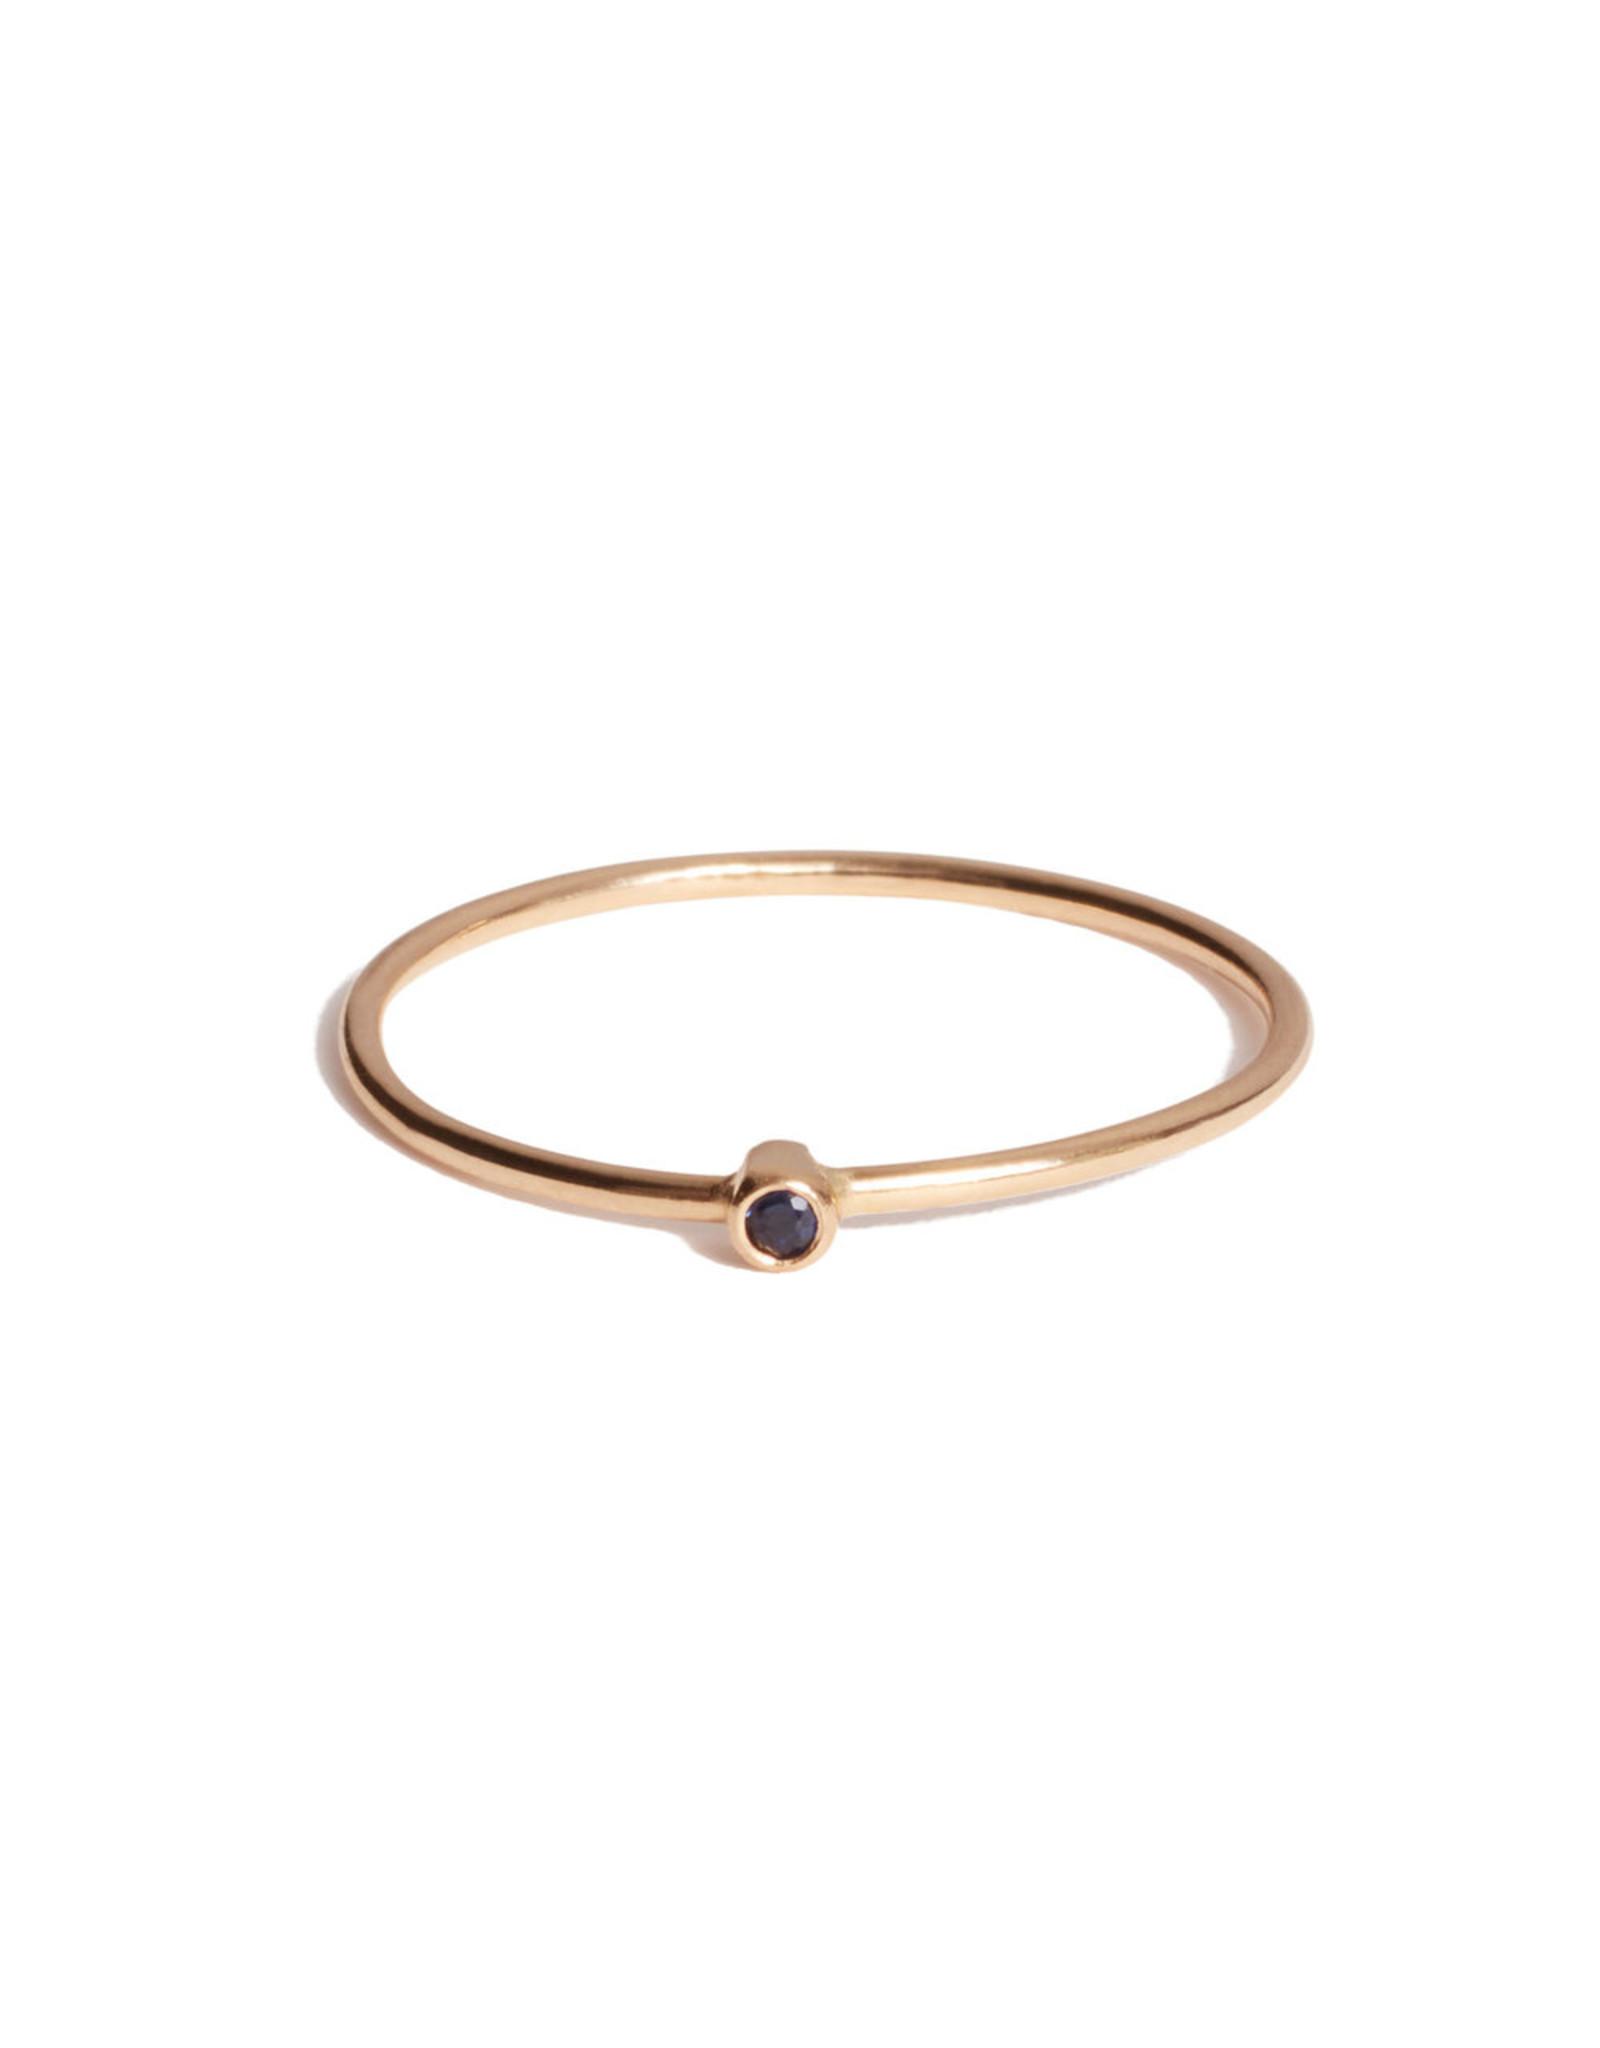 Jennifer Meyer Jennifer Meyer Blue Sapphire Thin Ring - Yellow Gold / Blue Sapphire (Size: 6.5)